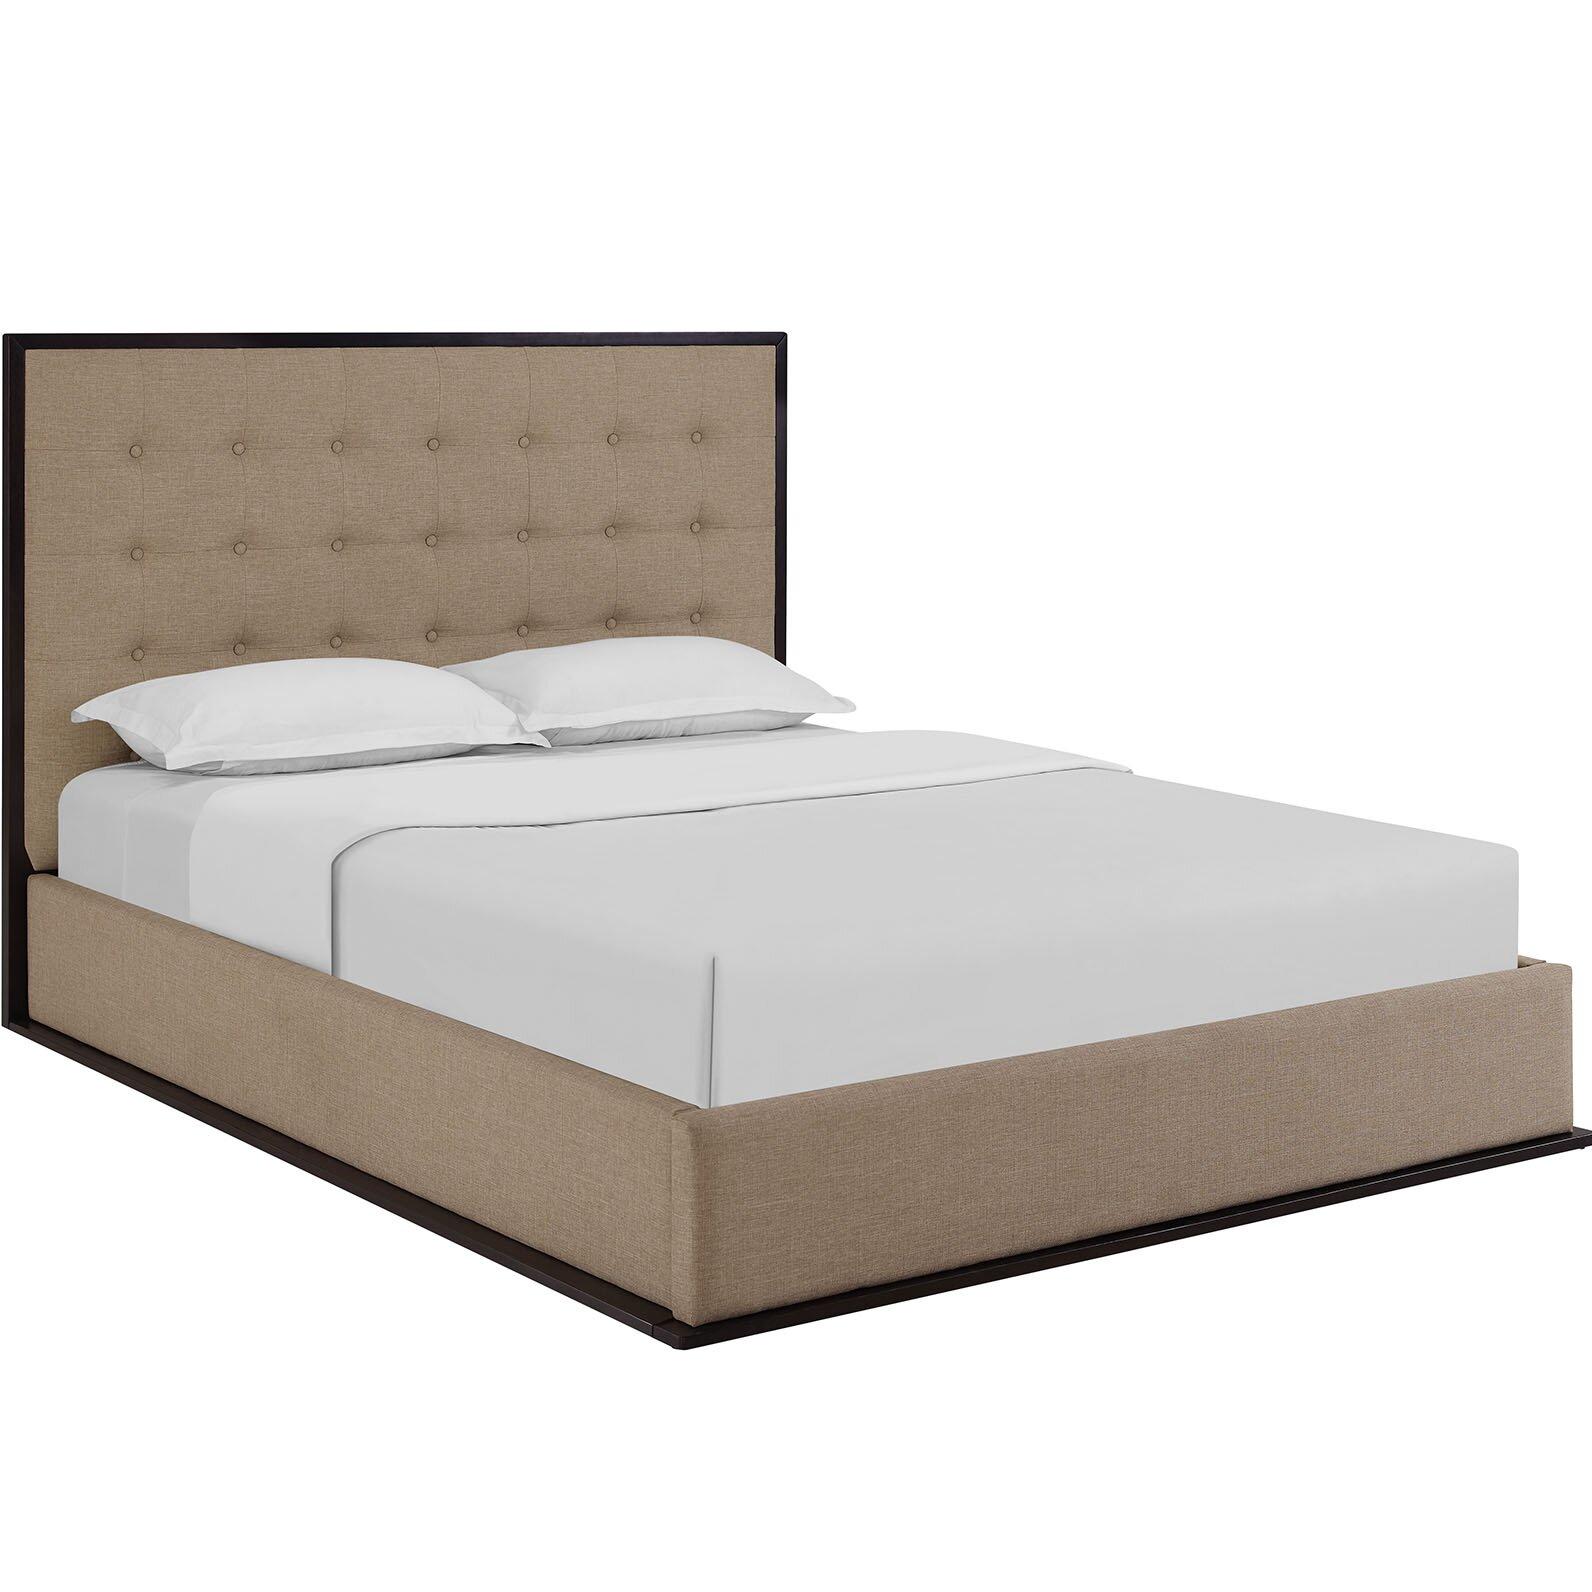 Modway Madeline Bed Frame